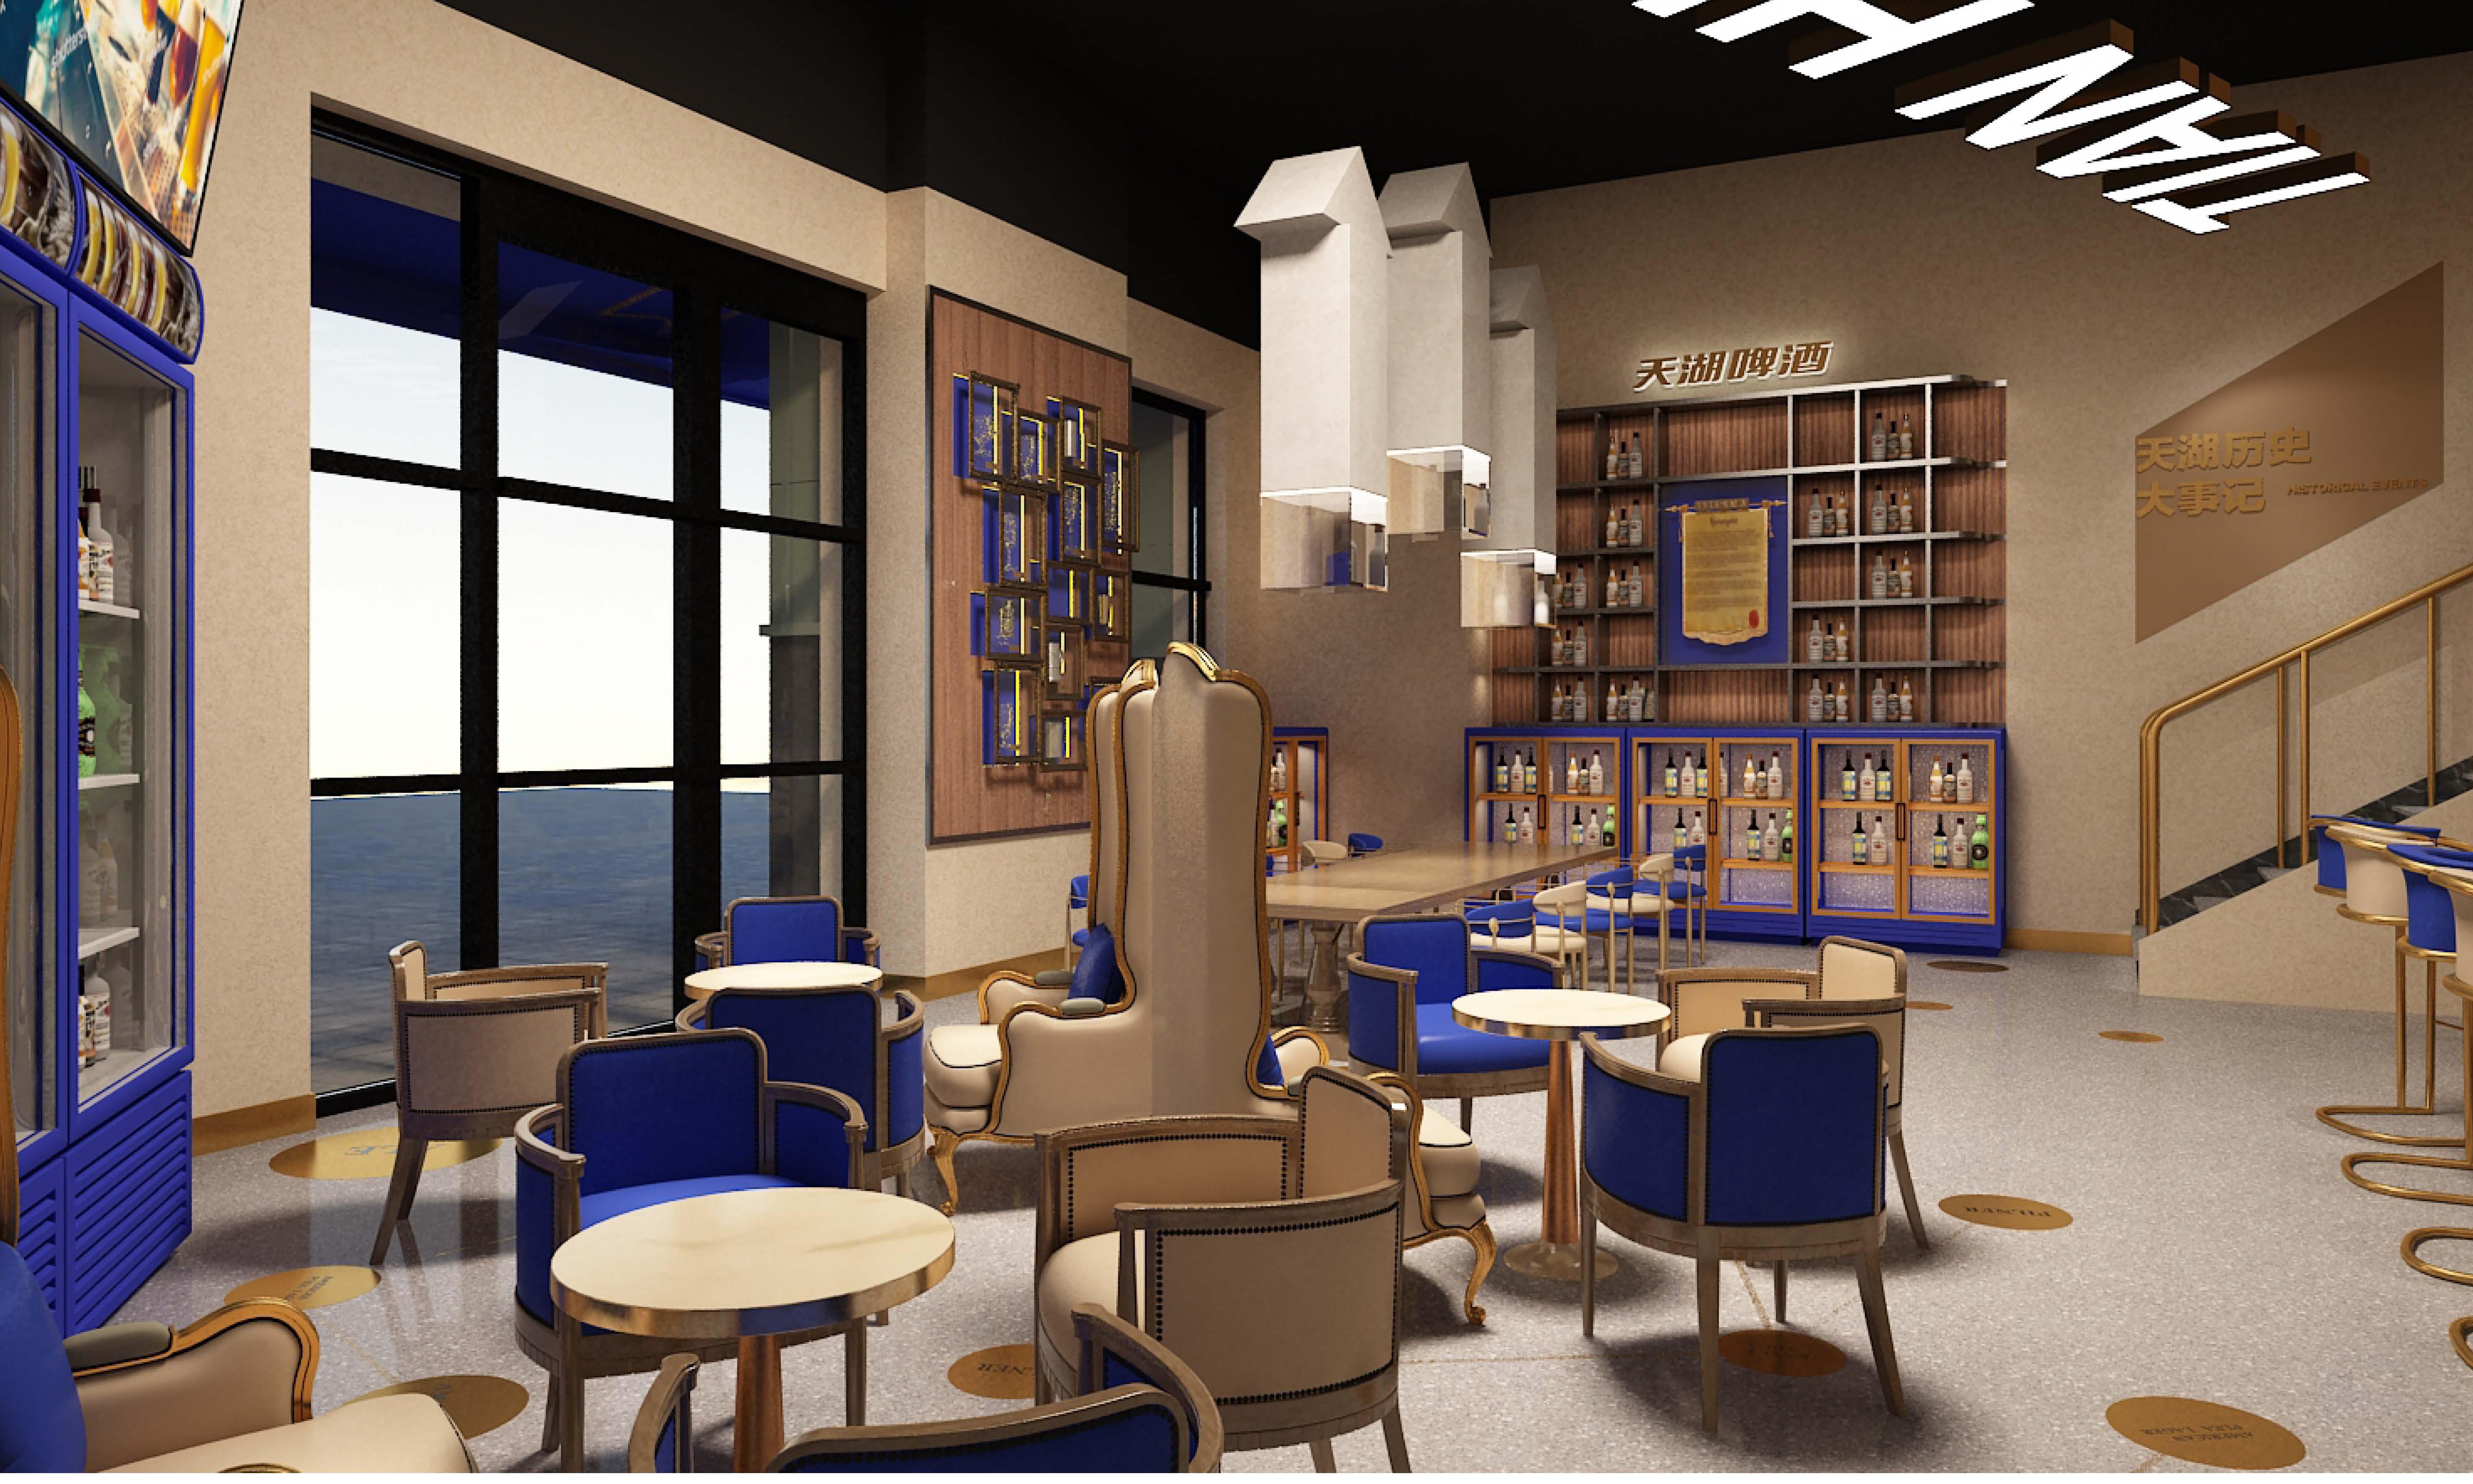 精酿啤酒吧空间设计装修设计效果图CAD施工图 店铺装修